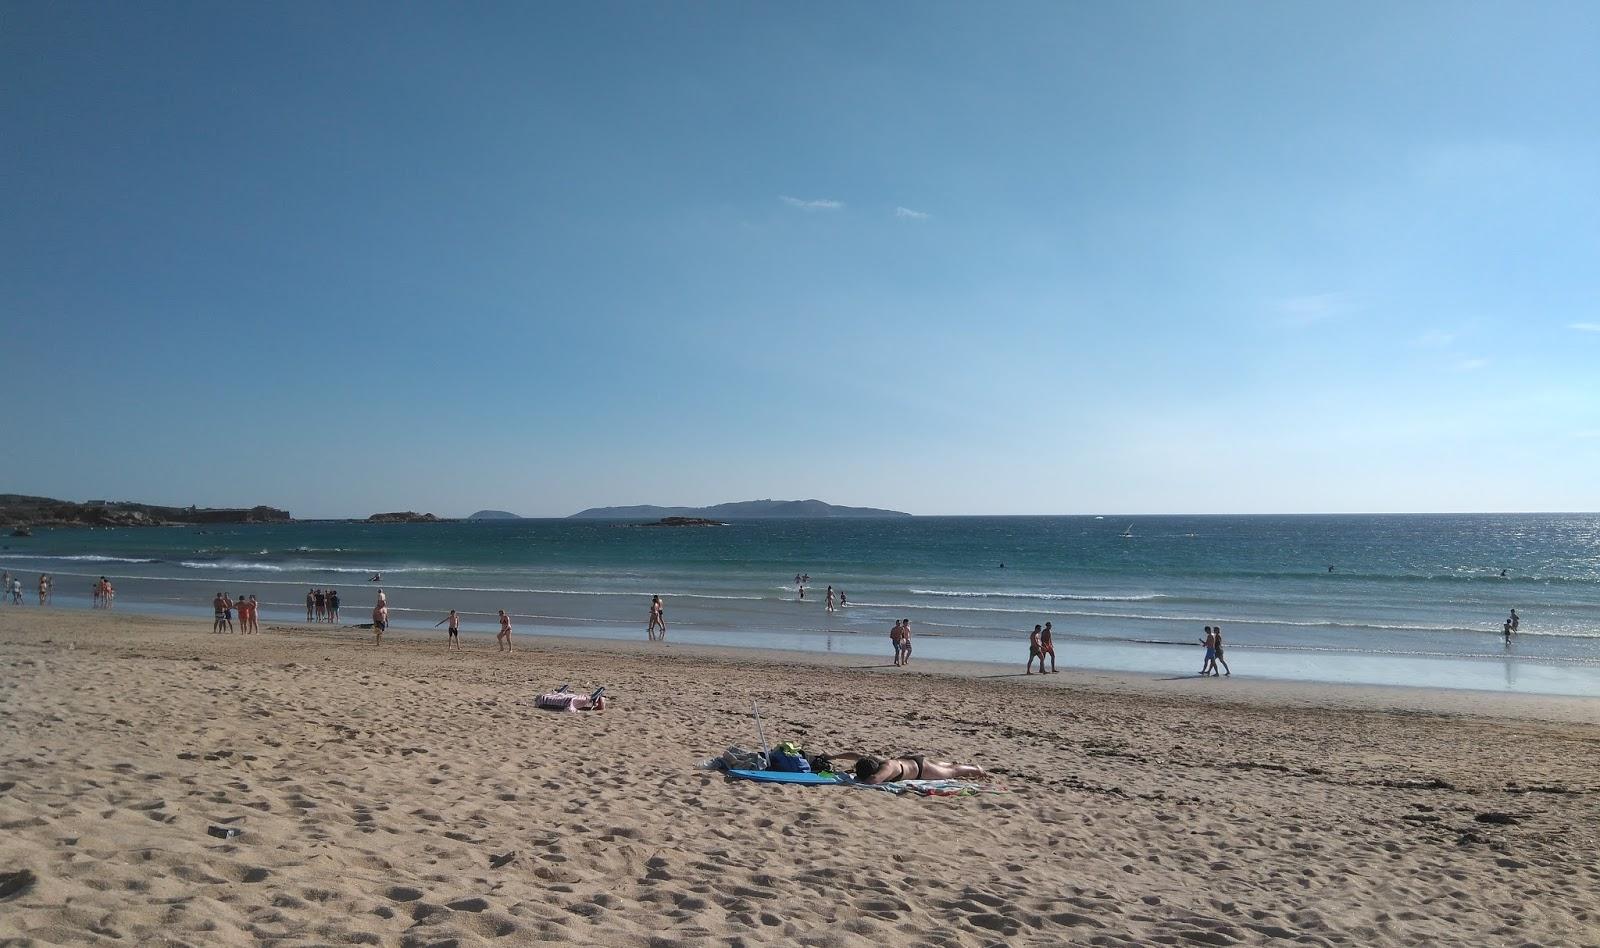 Playa Baluarte / As Barcas / Breadouro